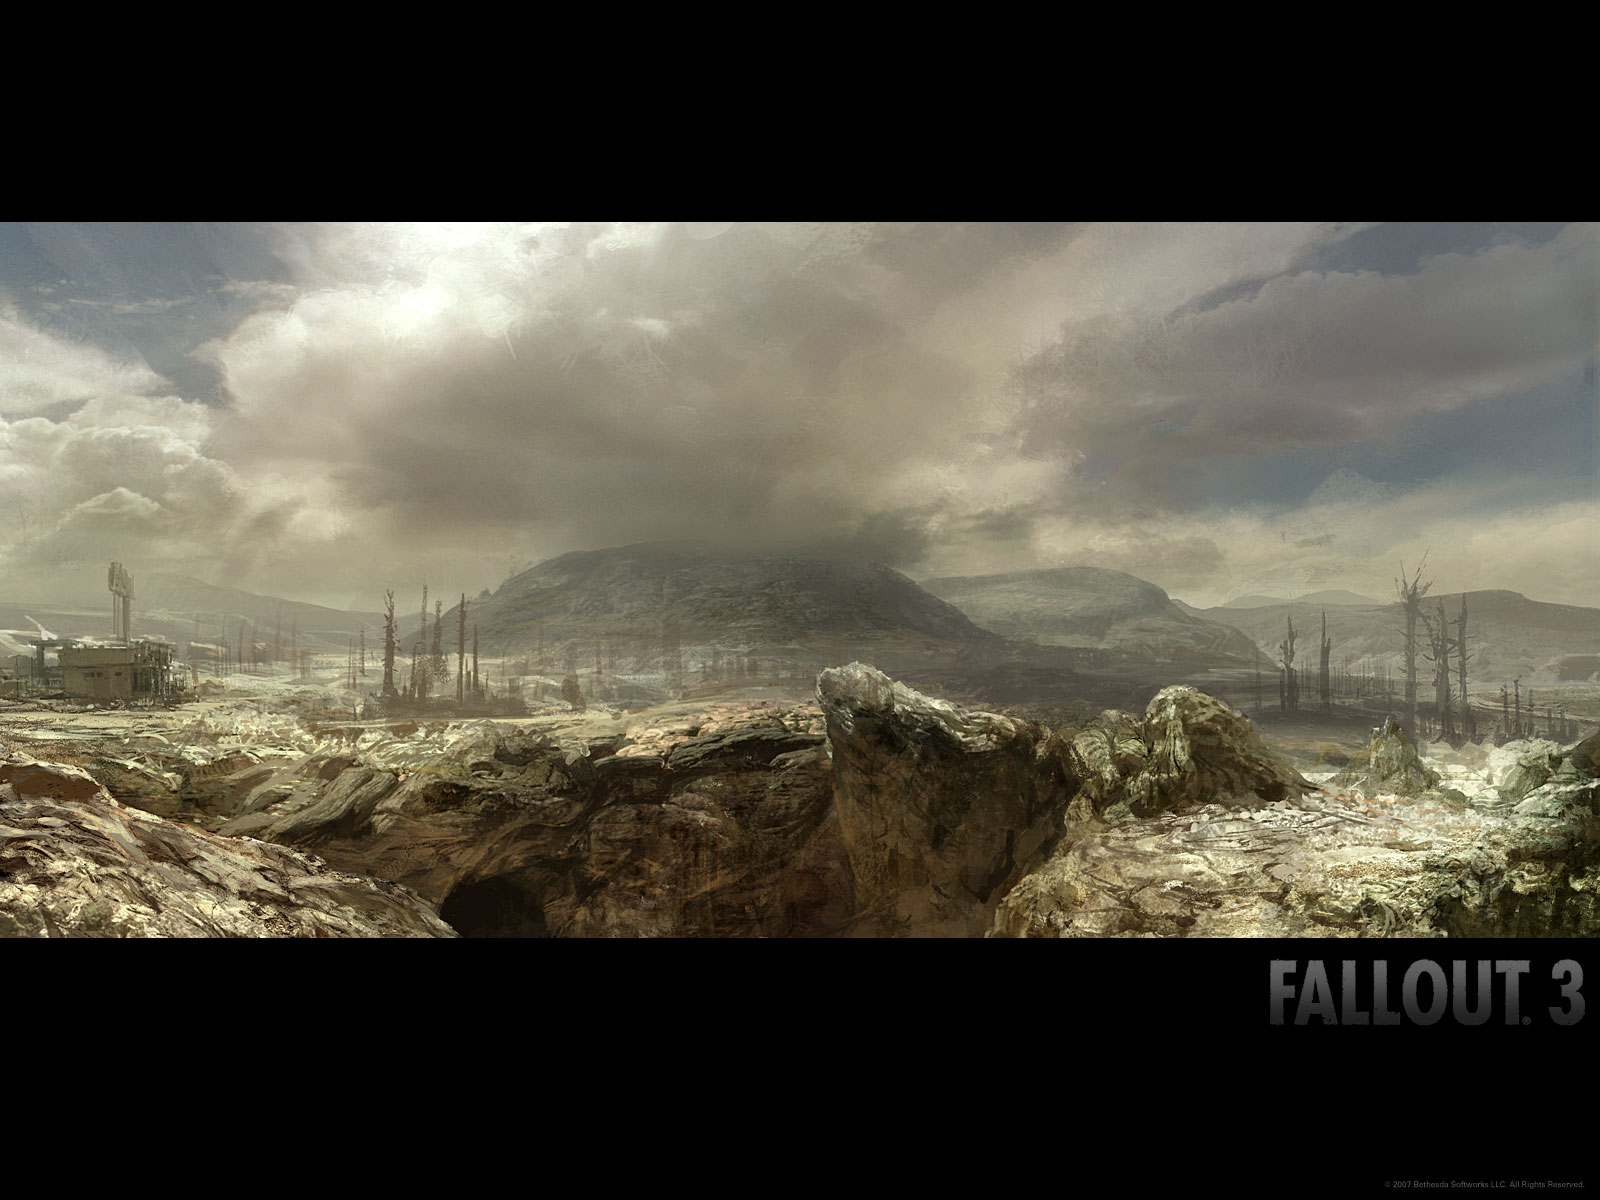 fallout-wp5-1600×1200.jpg